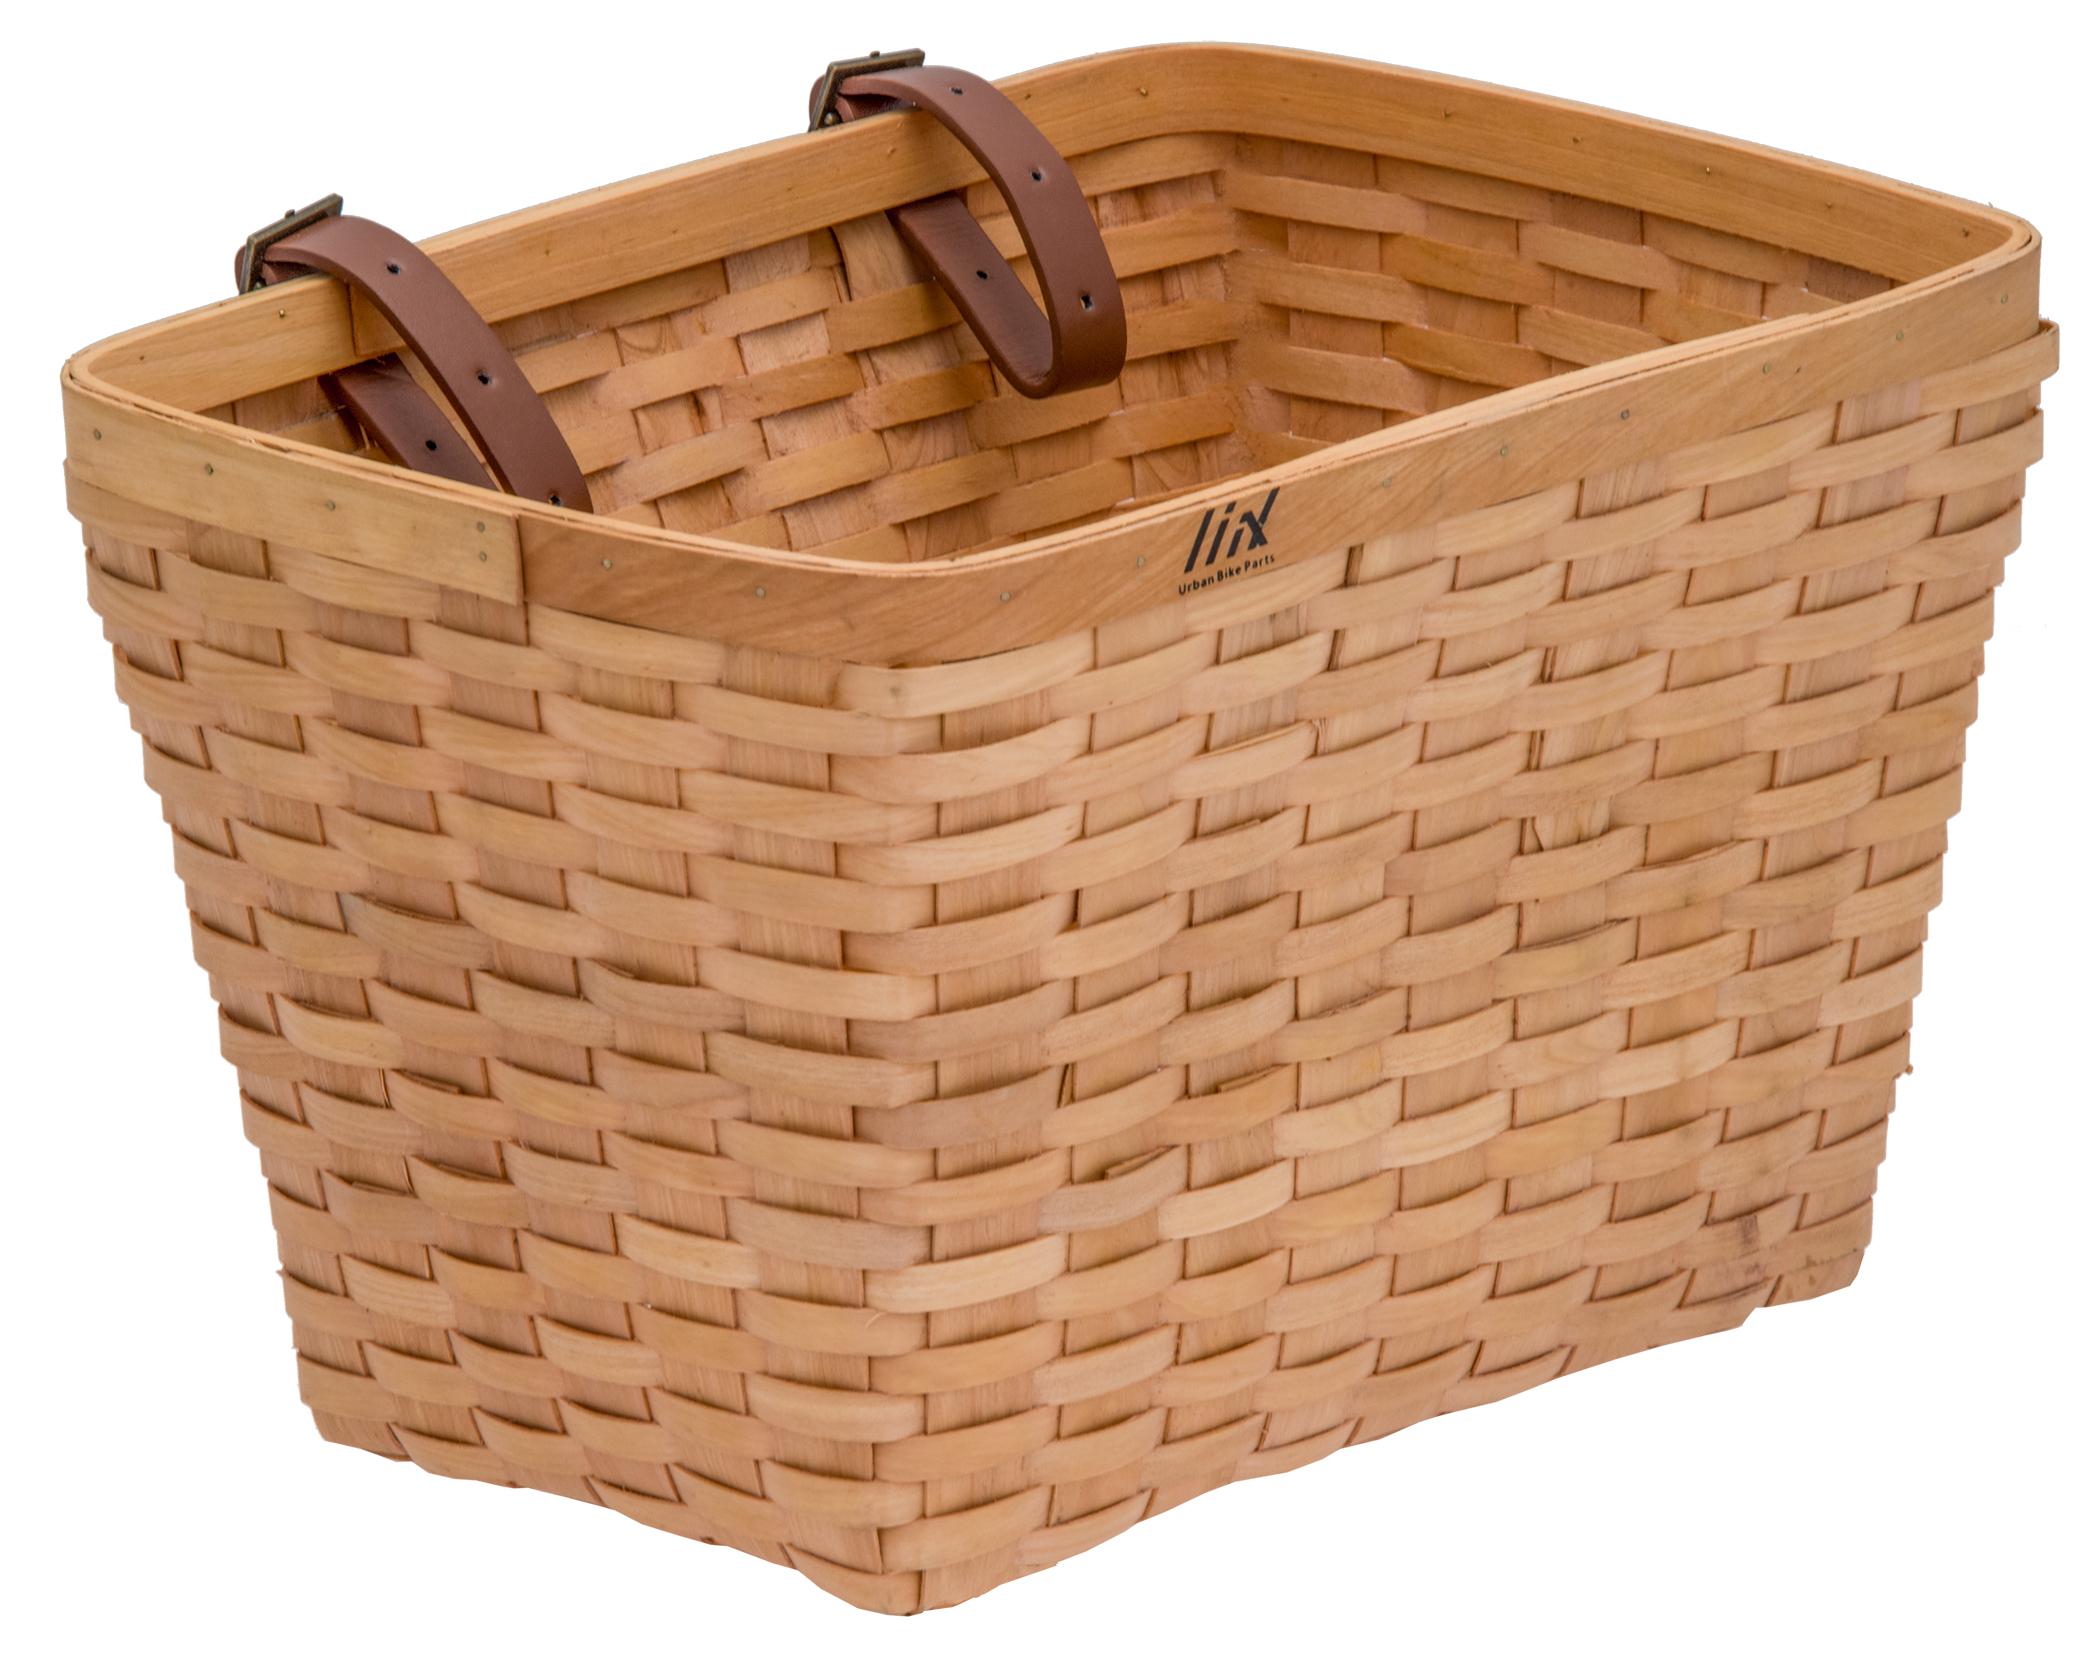 Liix Woven Wooden Basket Holzkorb für den Lenker